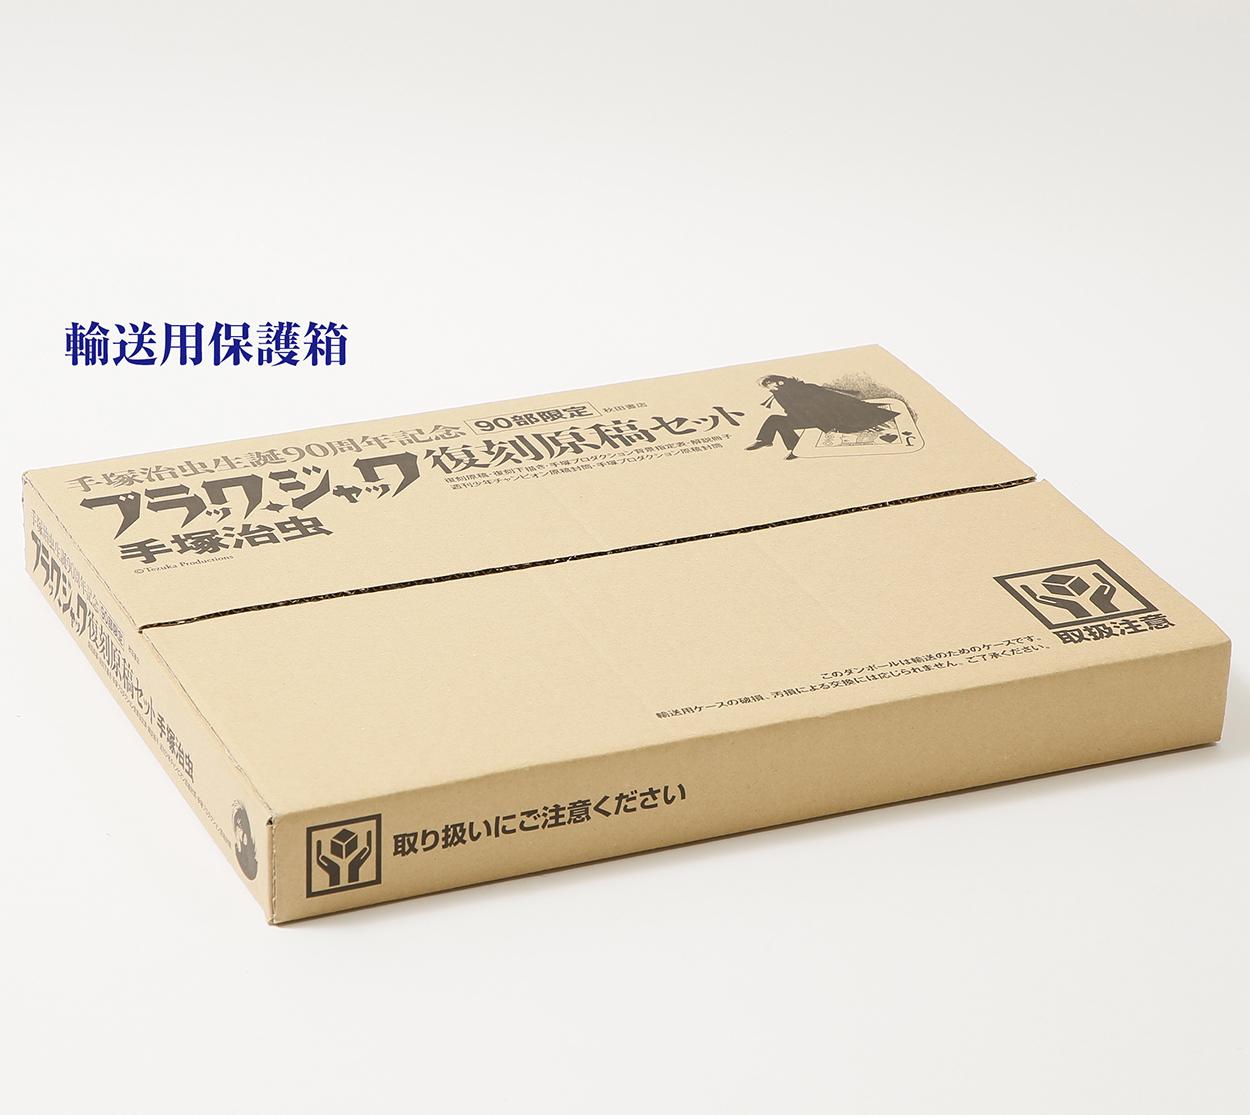 【90部限定!】手塚治虫生誕90周年記念「ブラック・ジャック」復刻原稿セット【好評受け付け中!】